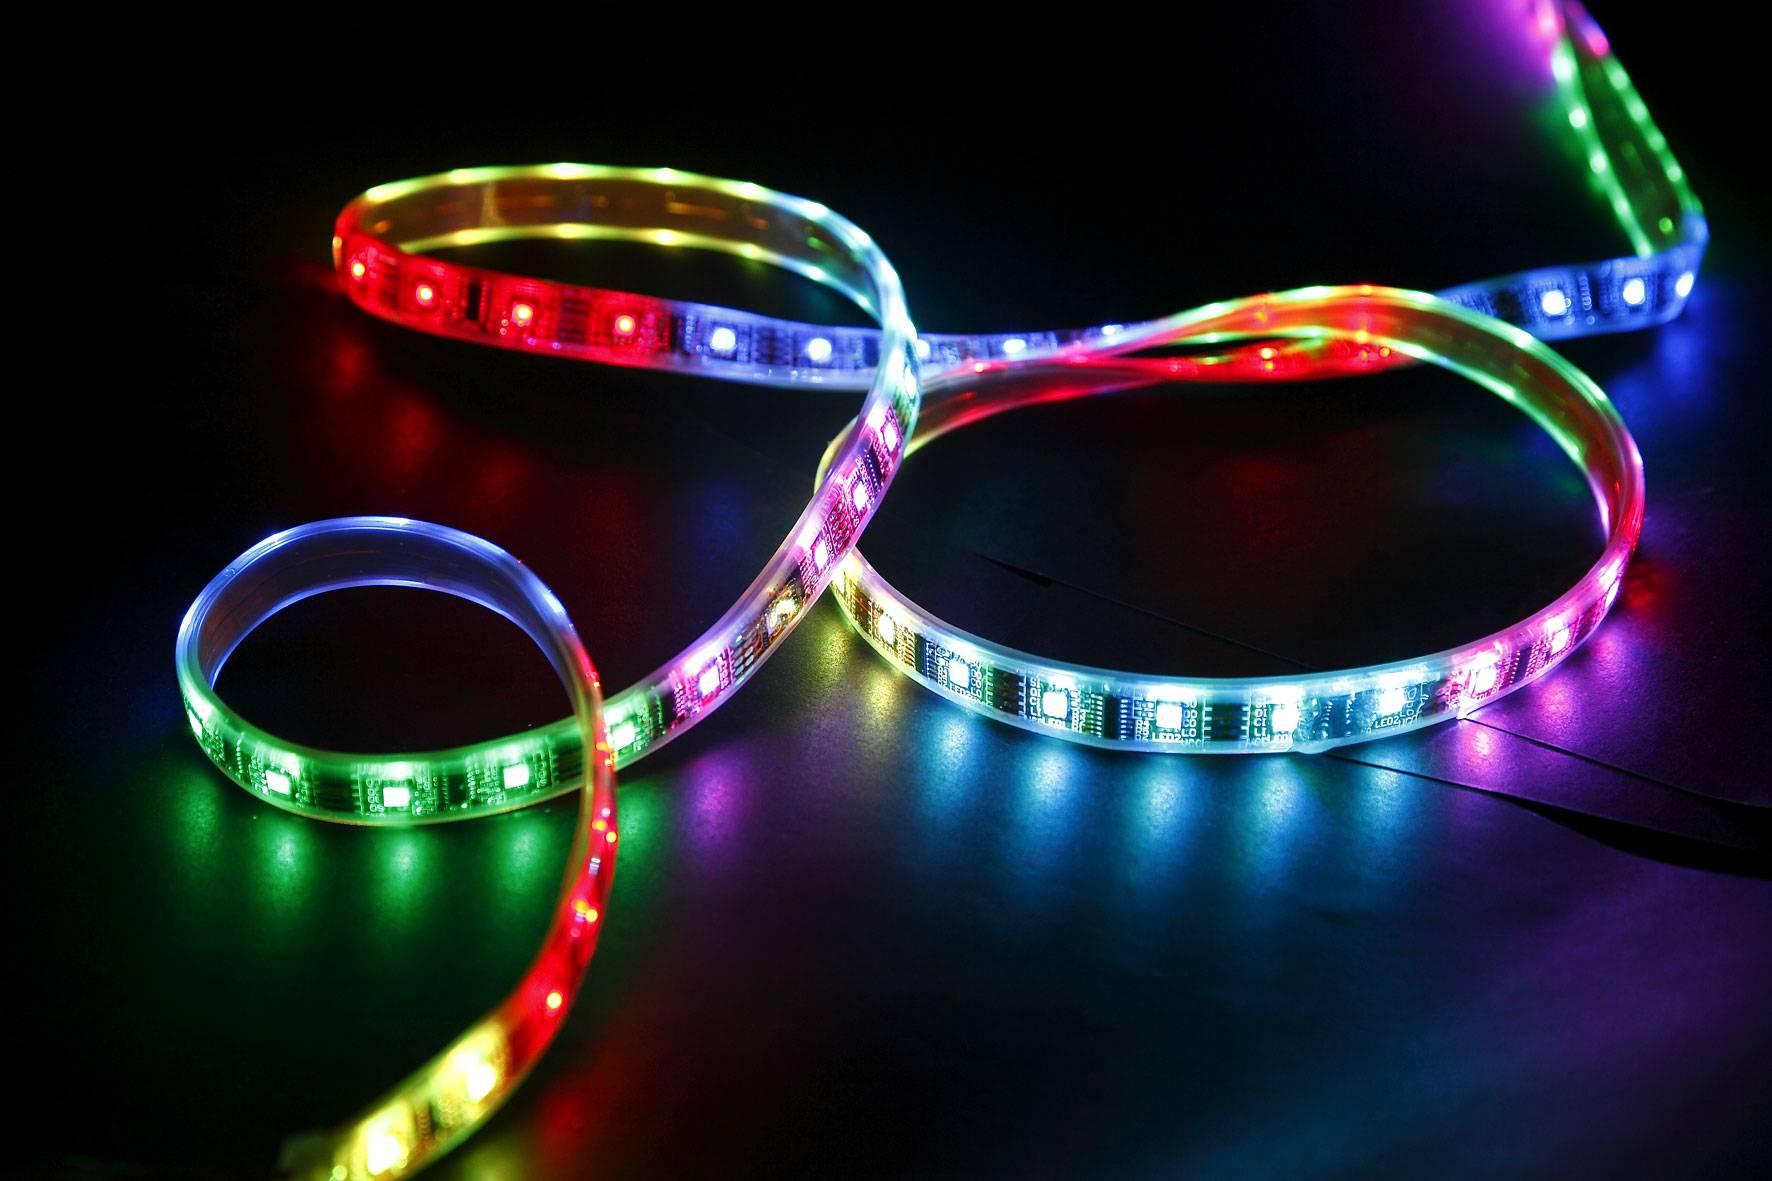 十三五节能环保产业发展规划让LED产业再获重大